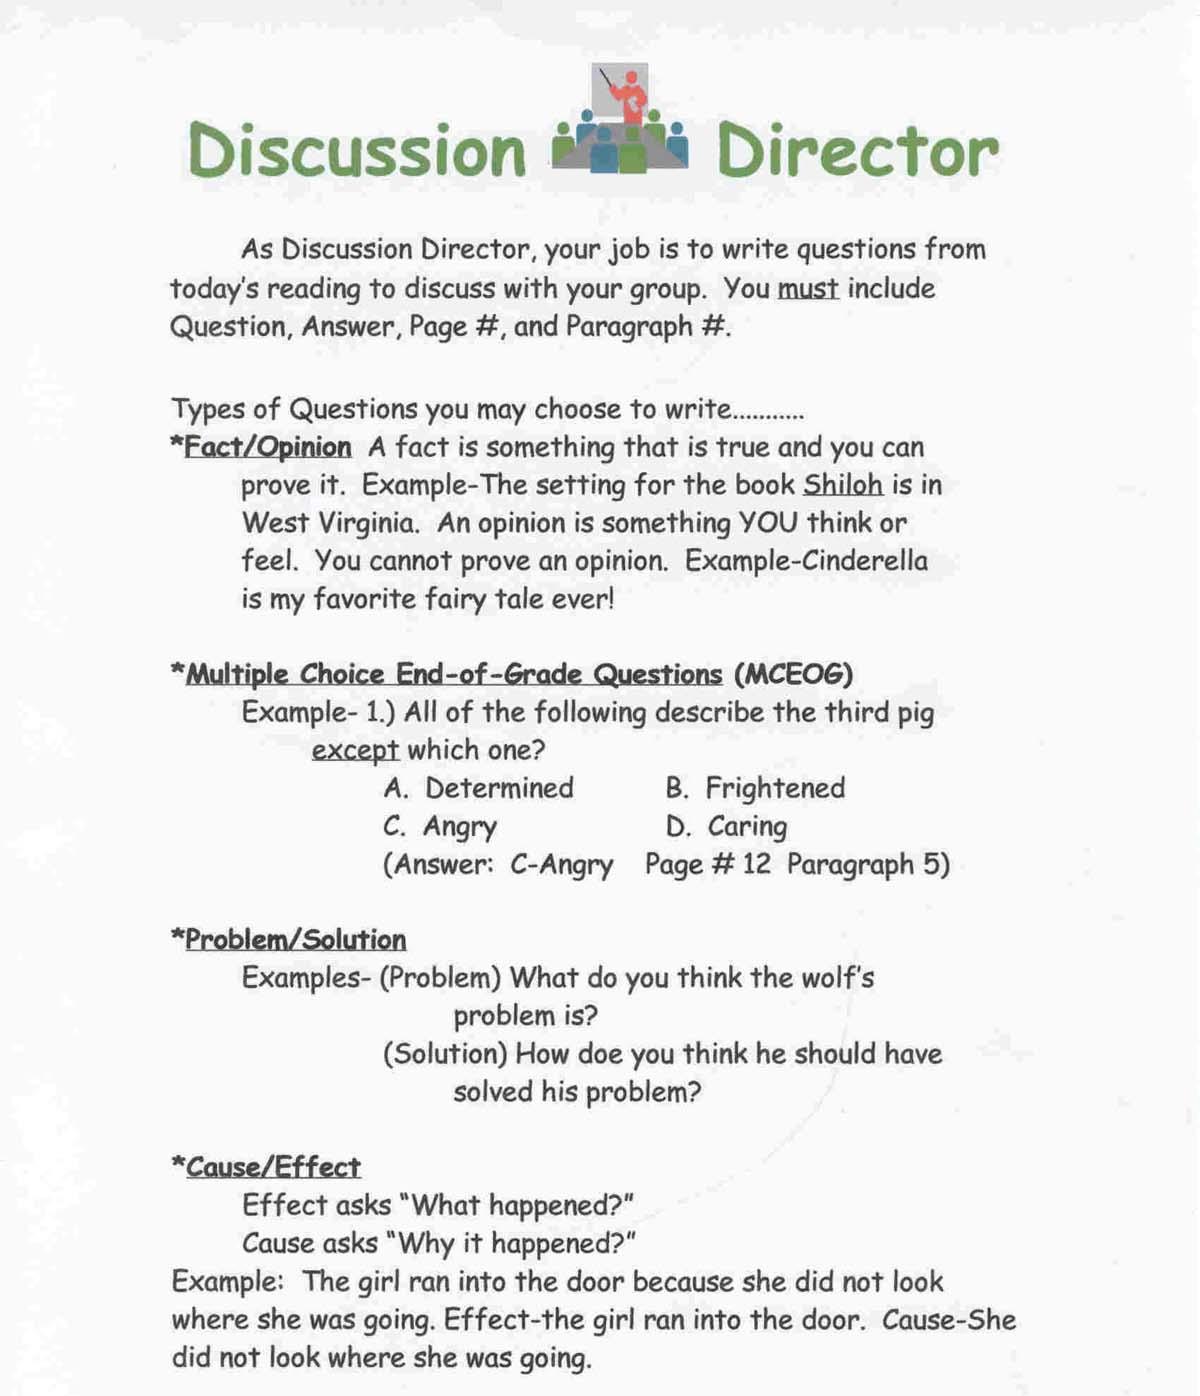 Job Description Sheets